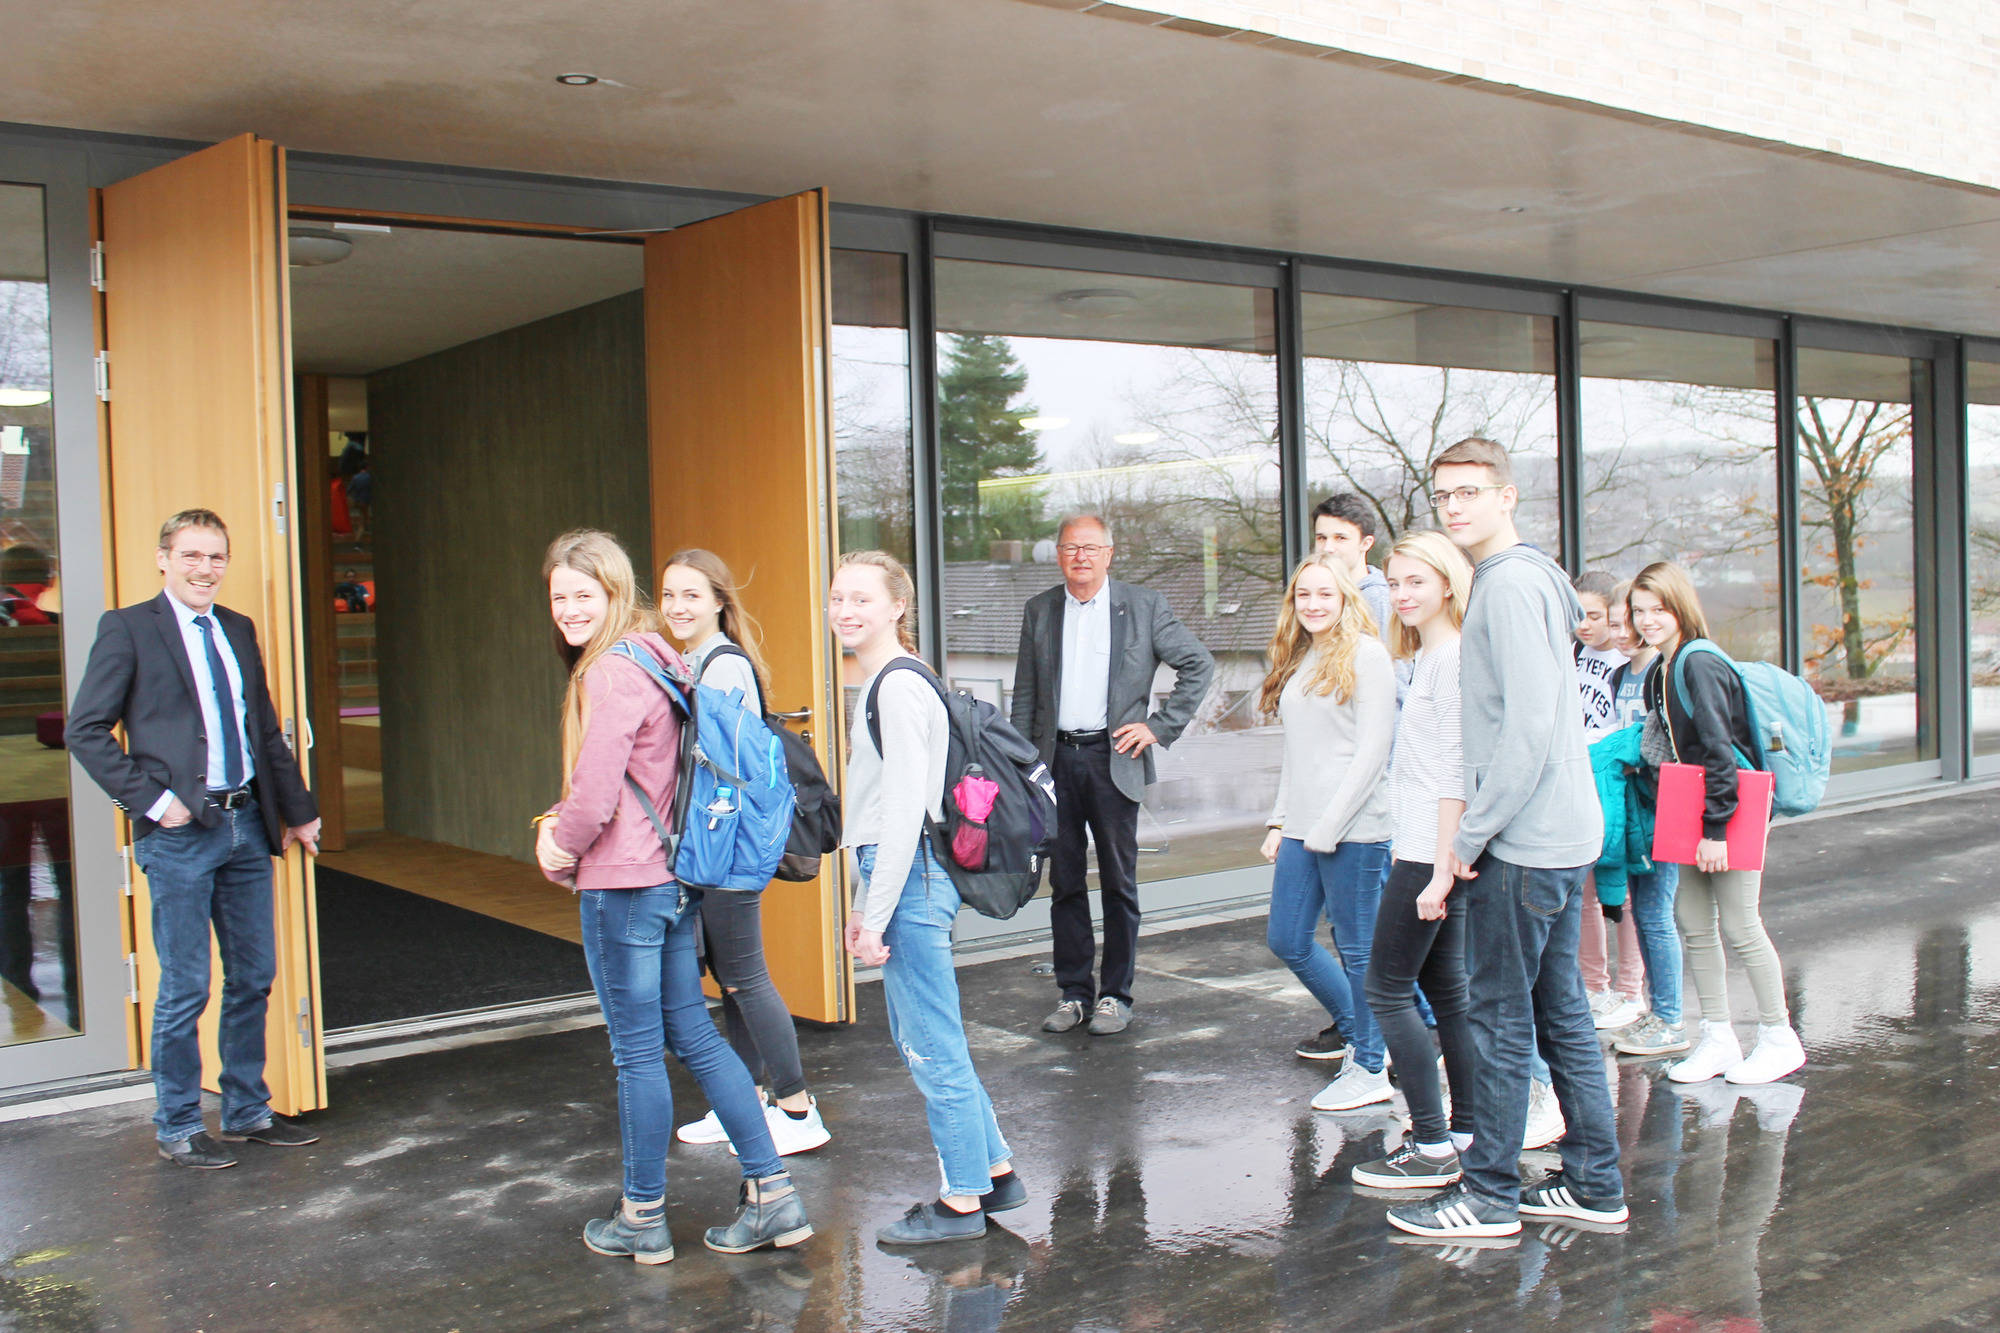 Erster Schultag in der neuen Realschule in Osterburken - Buchen ...